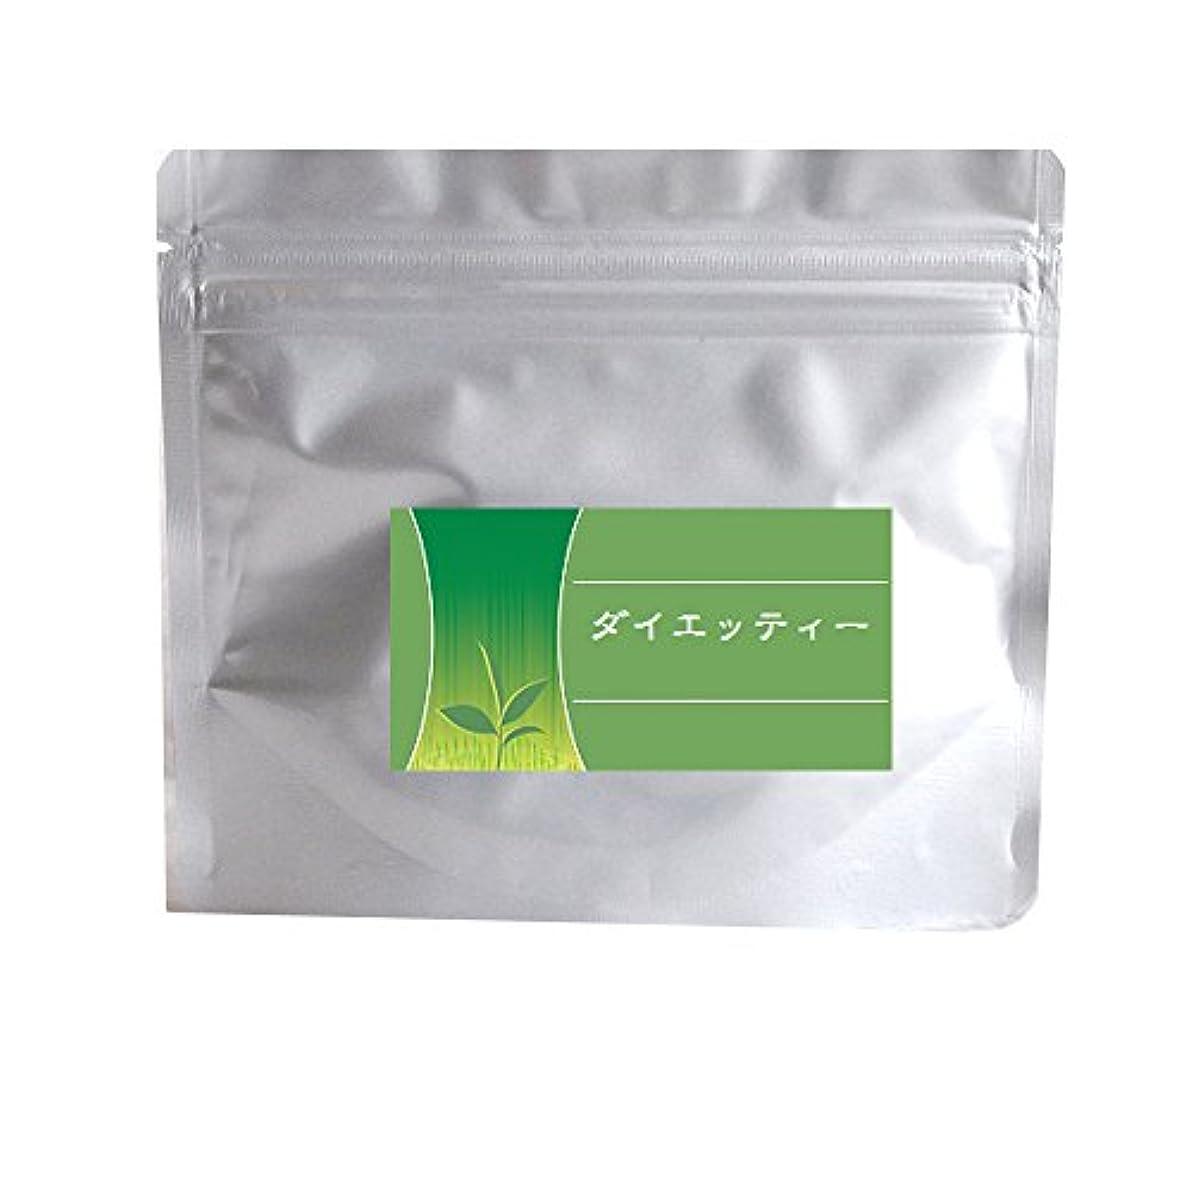 阻害する甘い重量ダイエット茶 ダイエッティー70g